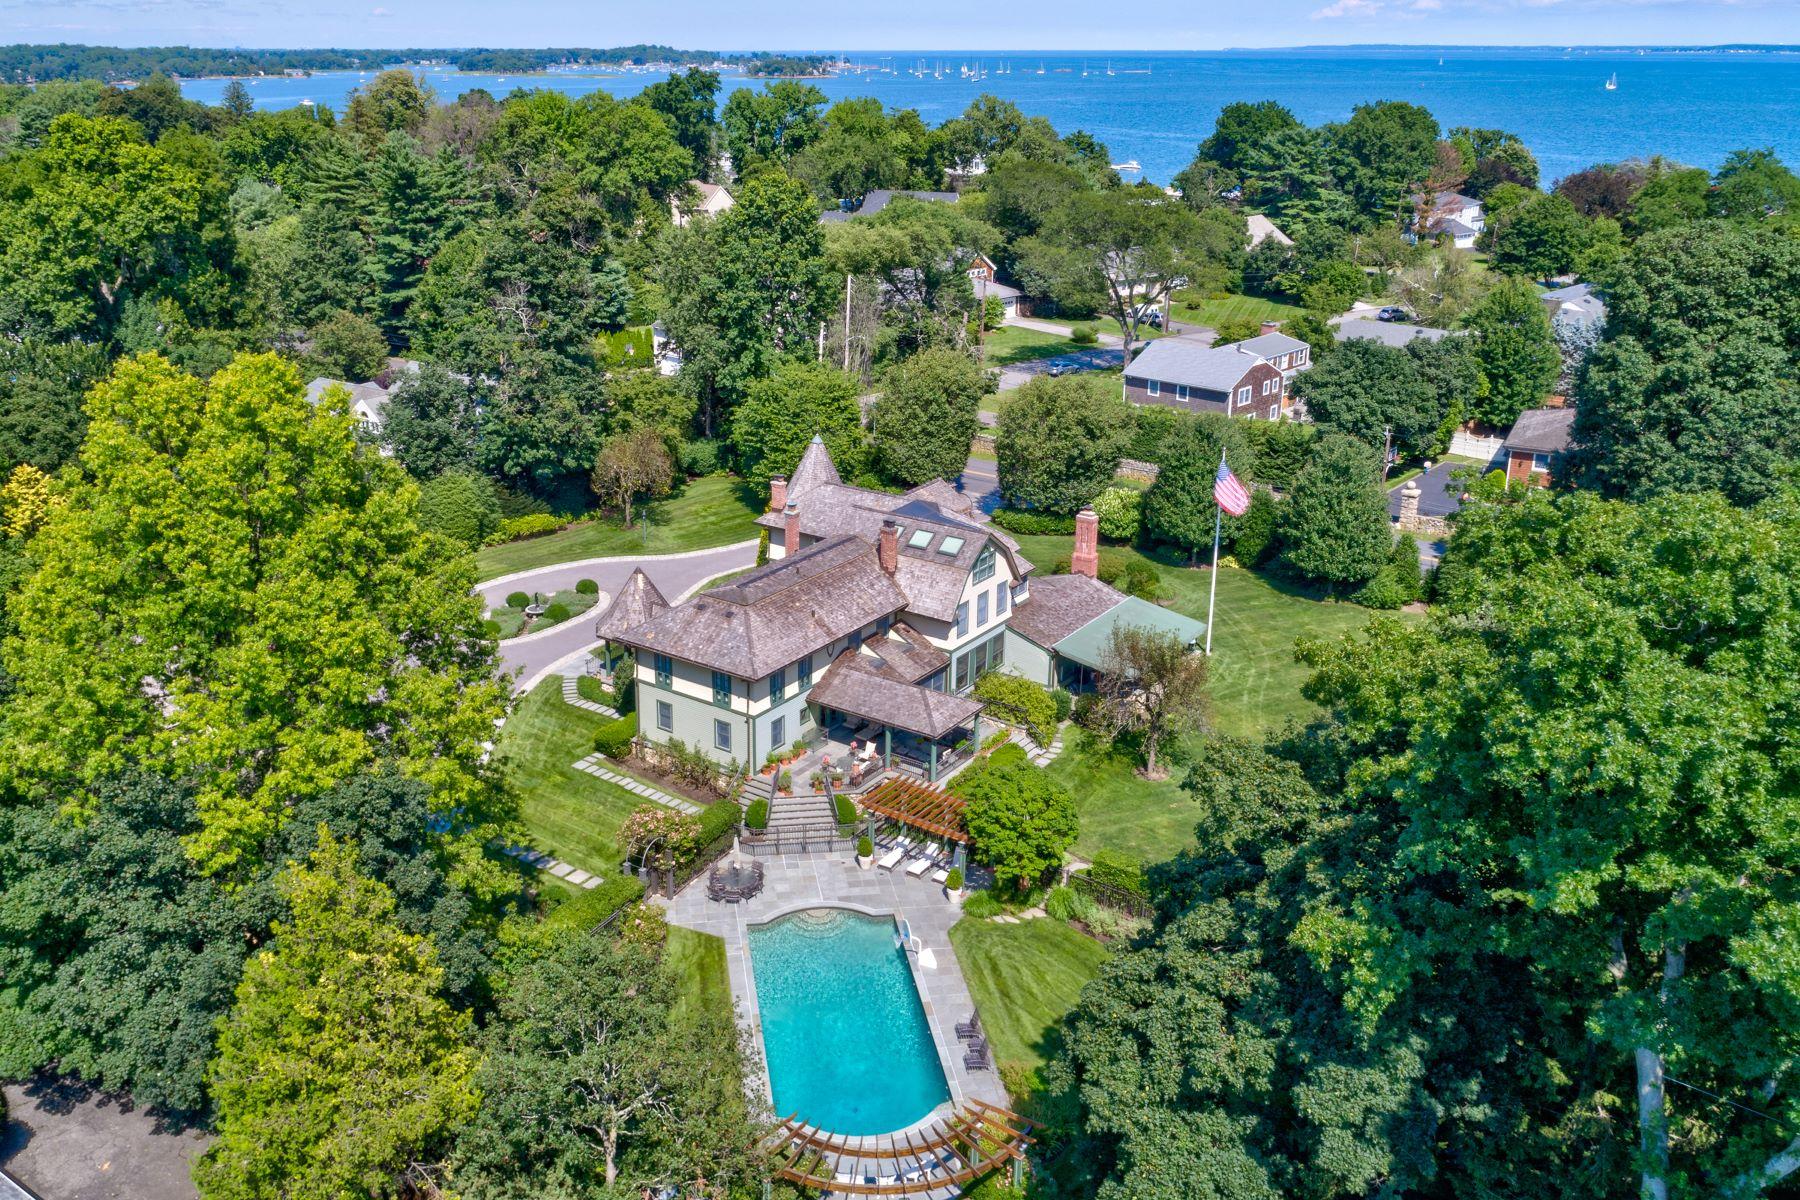 Частный односемейный дом для того Продажа на 981 Orienta Avenue 981 Orienta Avenue Mamaroneck, Нью-Йорк 10543 Соединенные Штаты